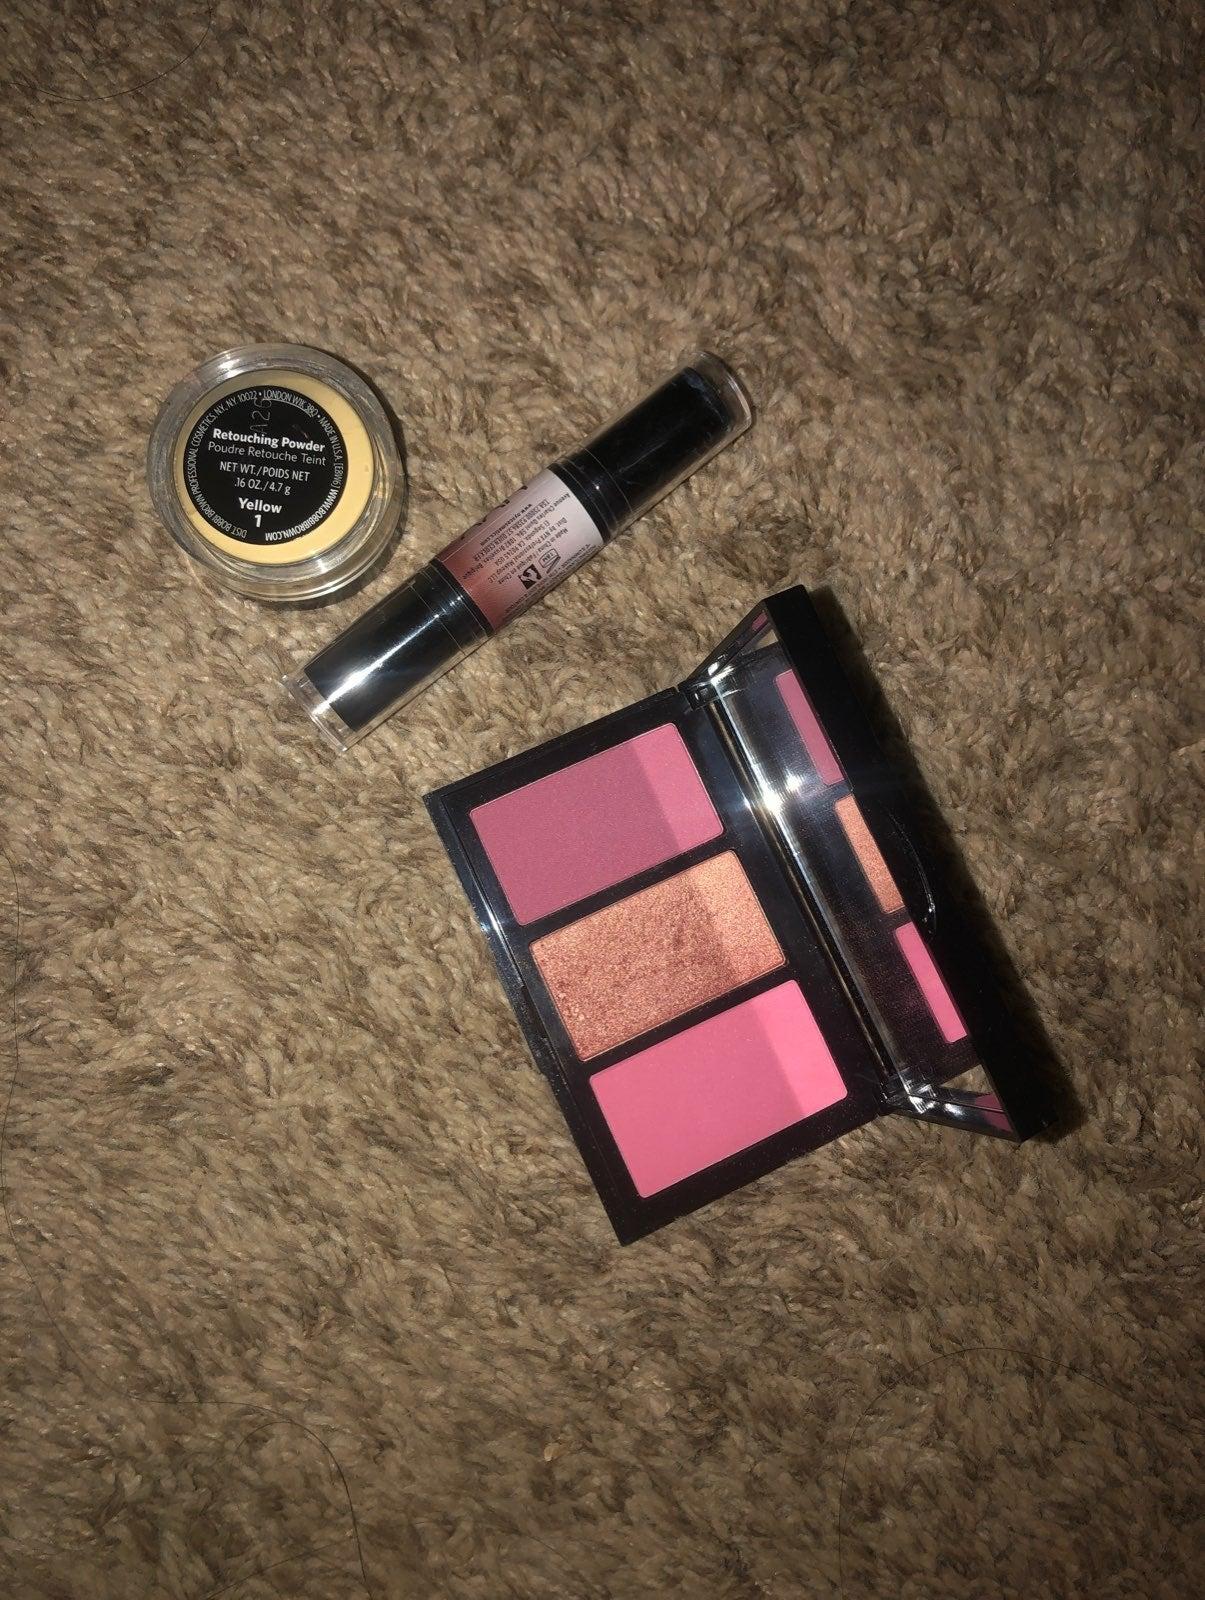 Bobbi brown blush palette and nyx bundle